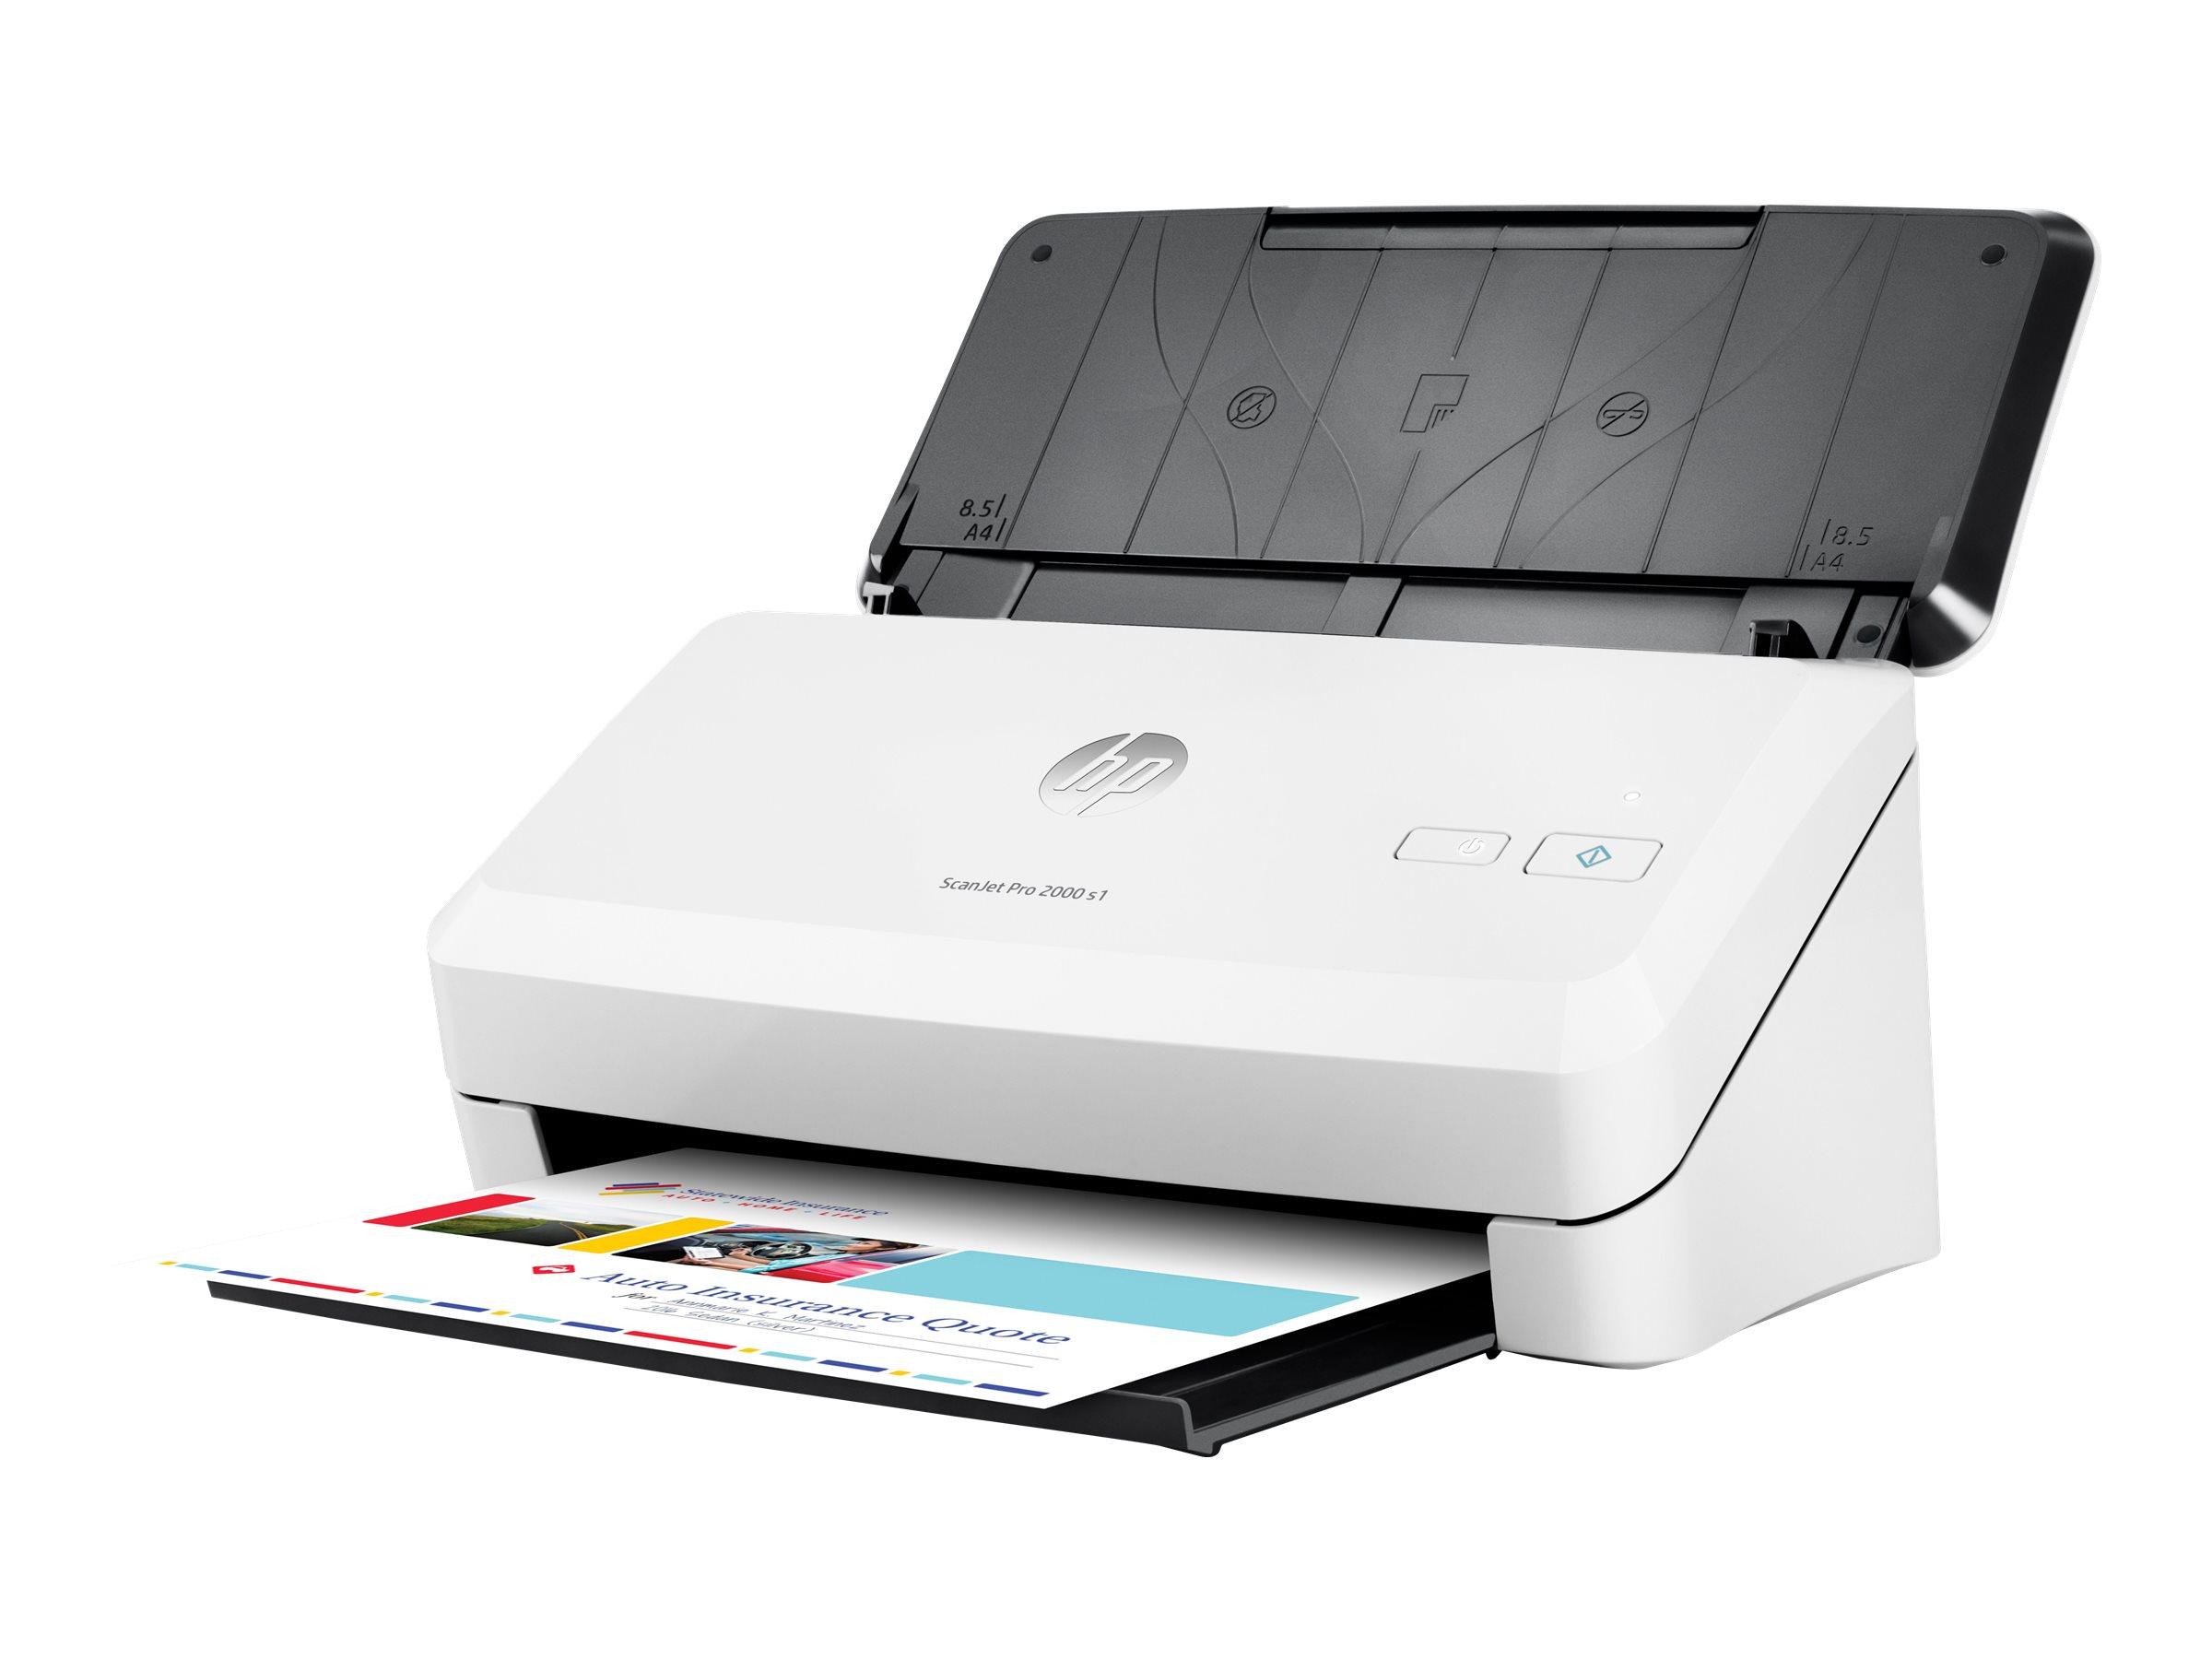 HP Scanjet Pro 2000 s1 Sheet-feed - Dokumentenscanner - Duplex - 216 x 3100 mm - 600 dpi x 600 dpi - bis zu 24 Seiten/Min. (einfarbig)